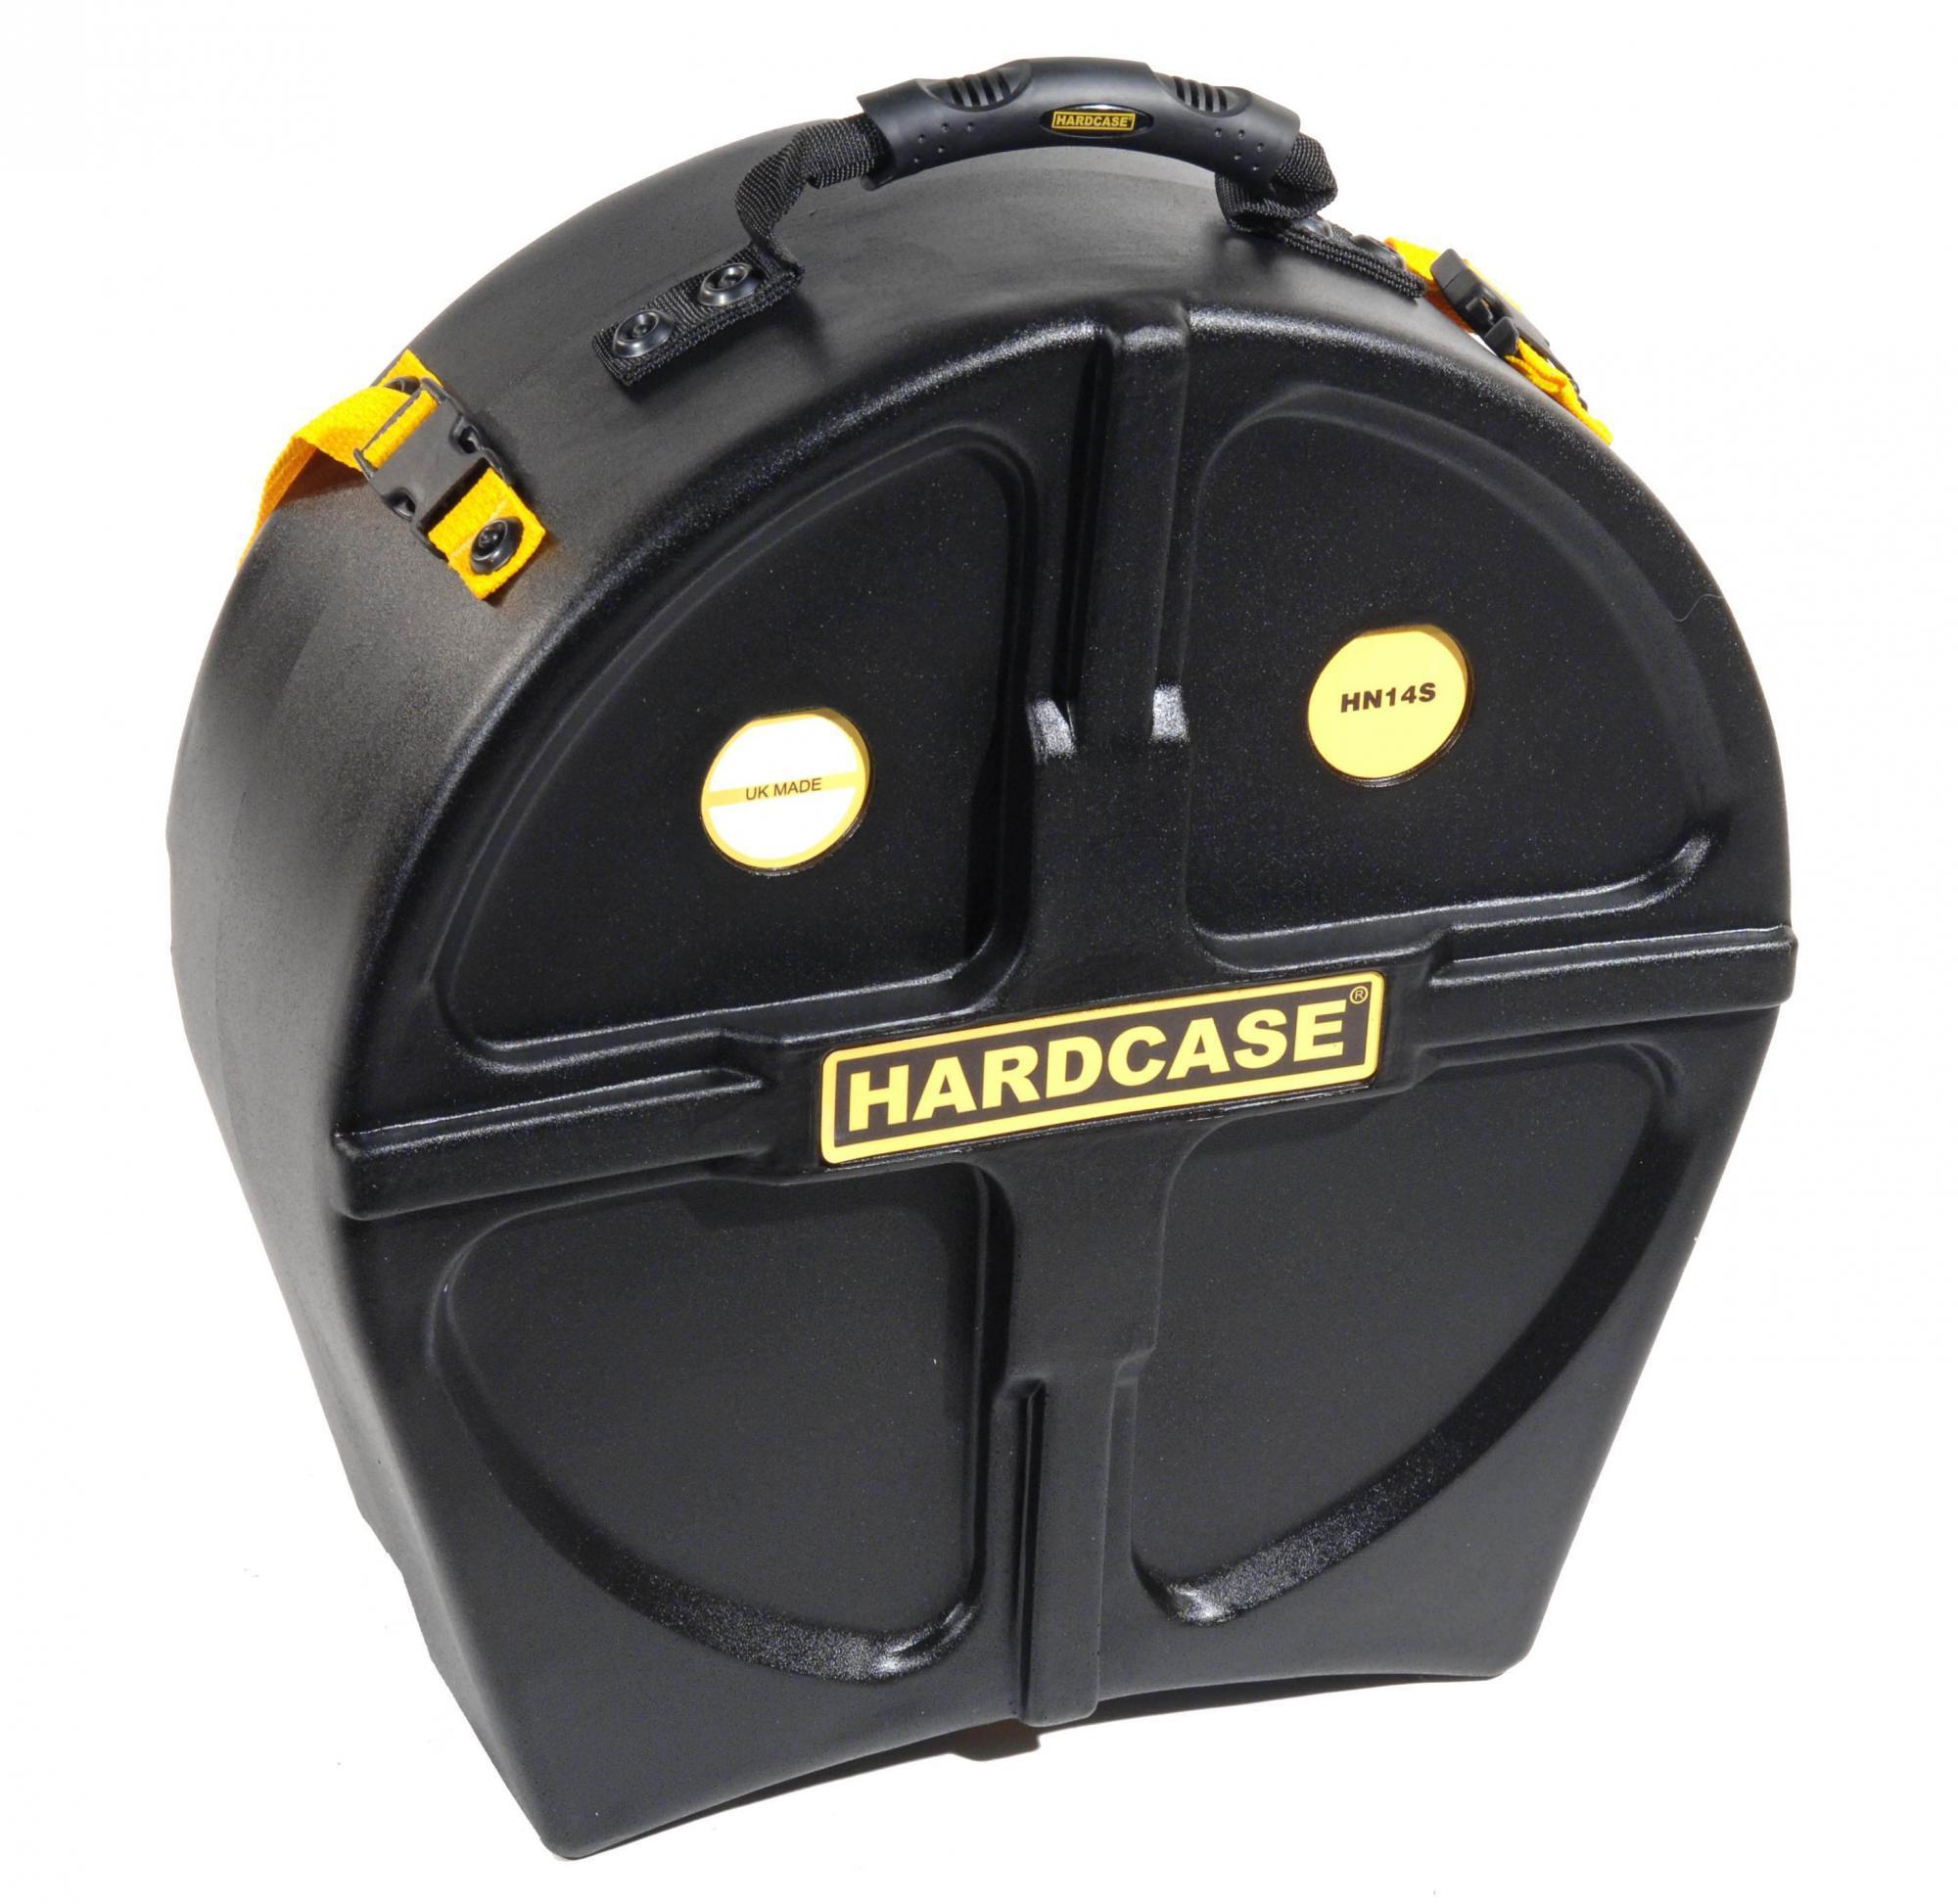 hardcase hn14s 14 snare drum case. Black Bedroom Furniture Sets. Home Design Ideas